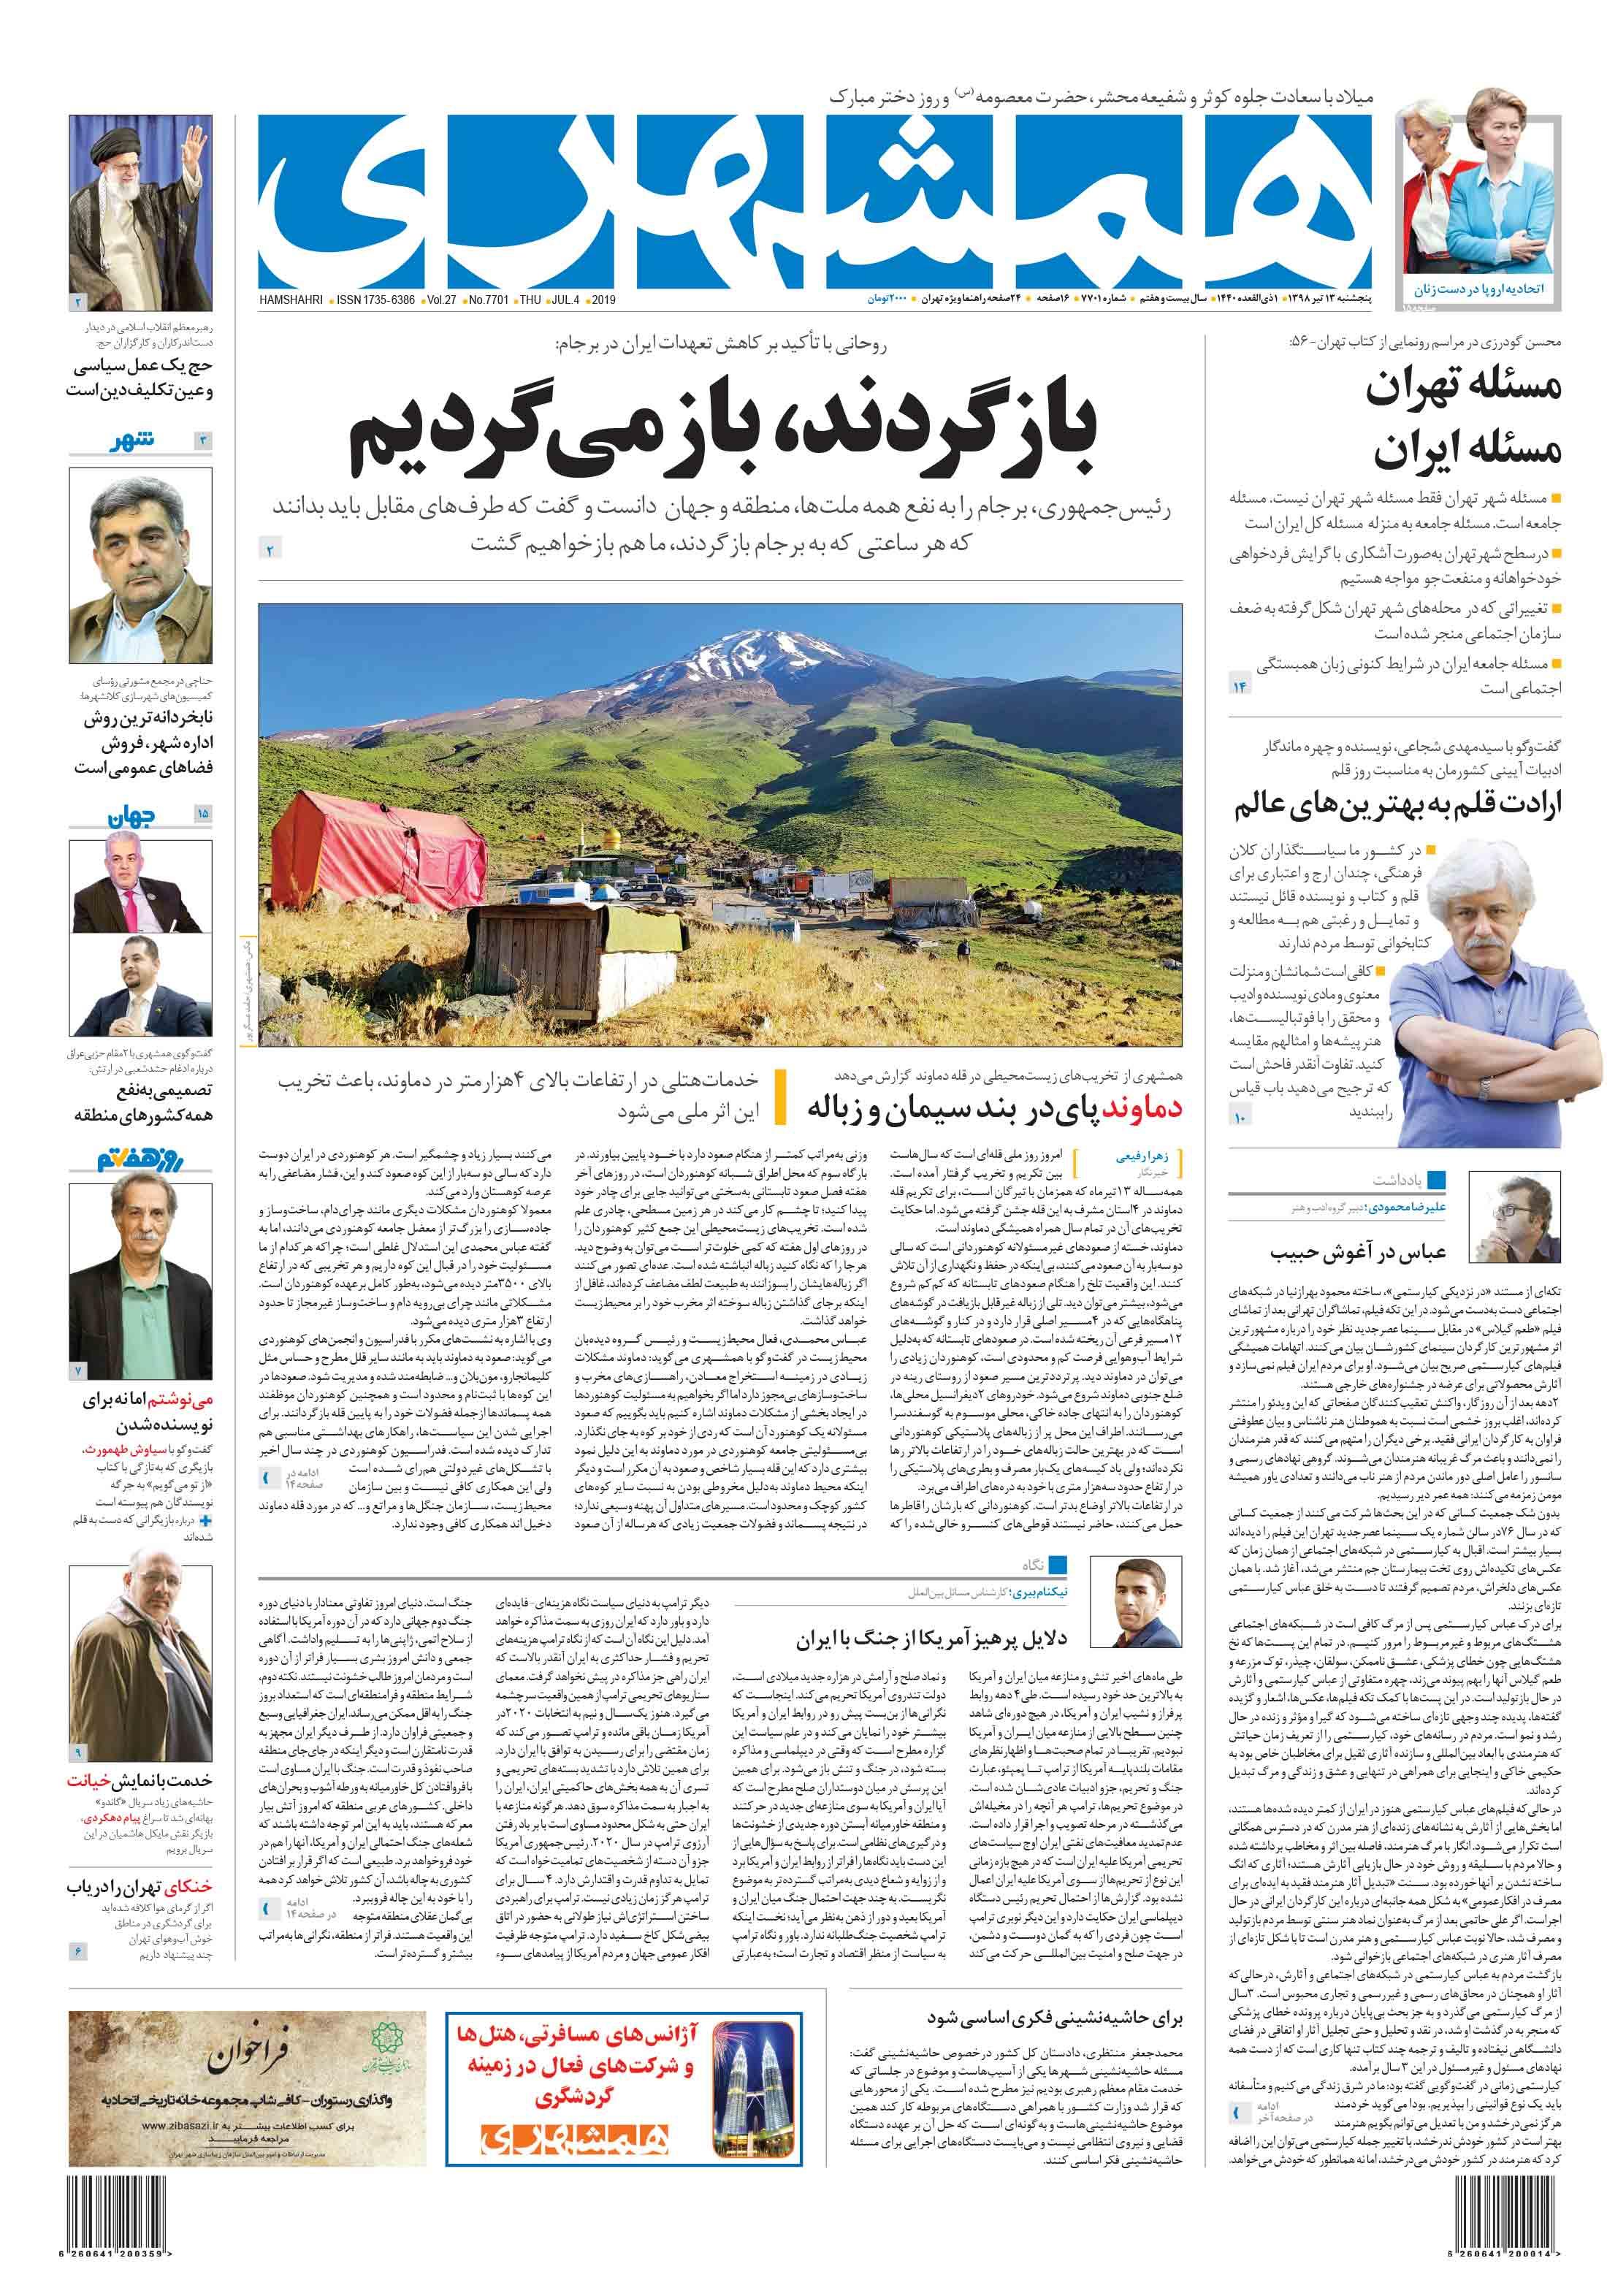 صفحه اول پنجشنبه 13 تیر 1398